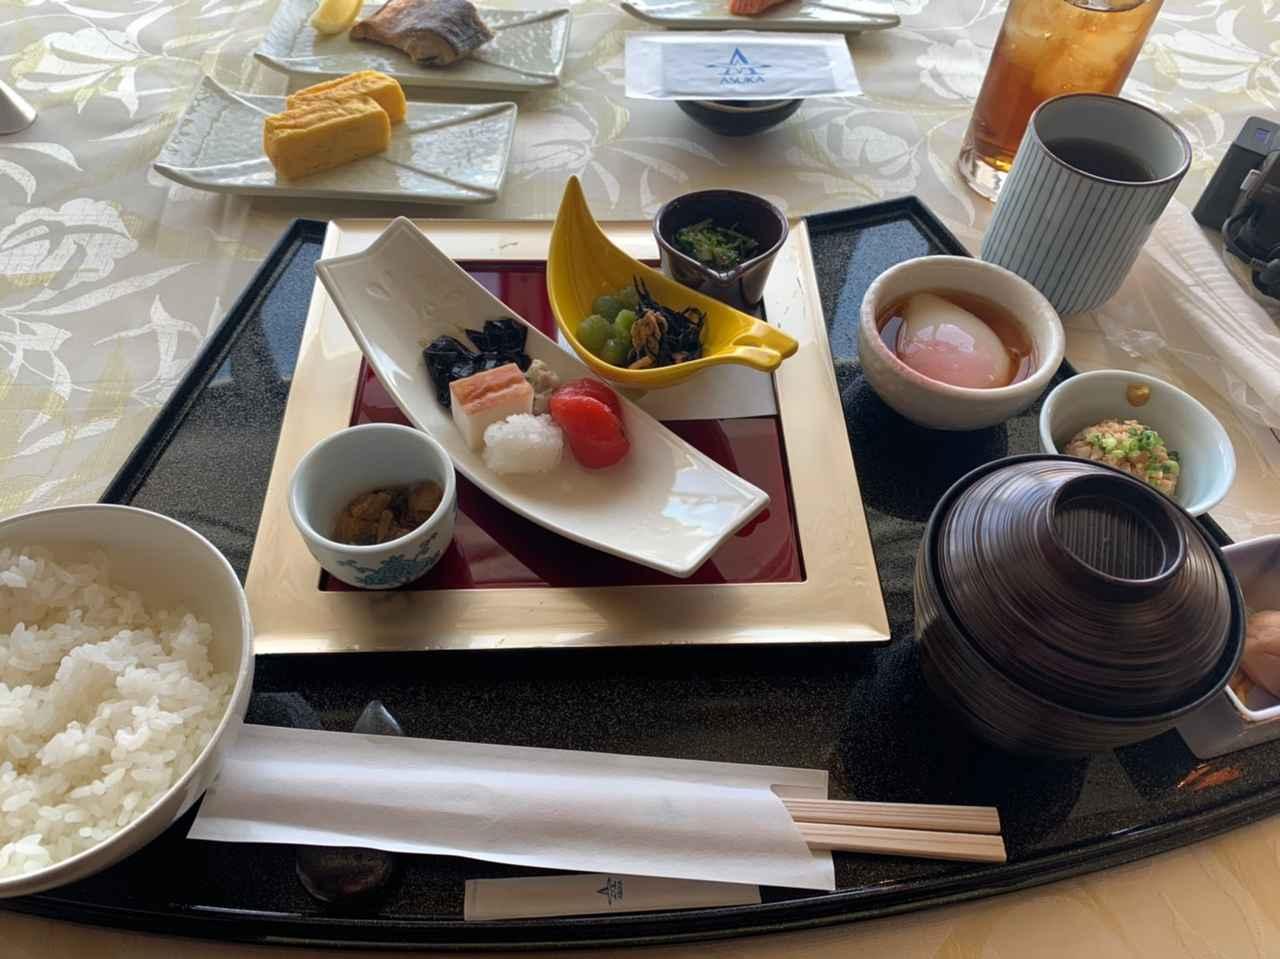 画像: 朝食 和食(スタッフ撮影)